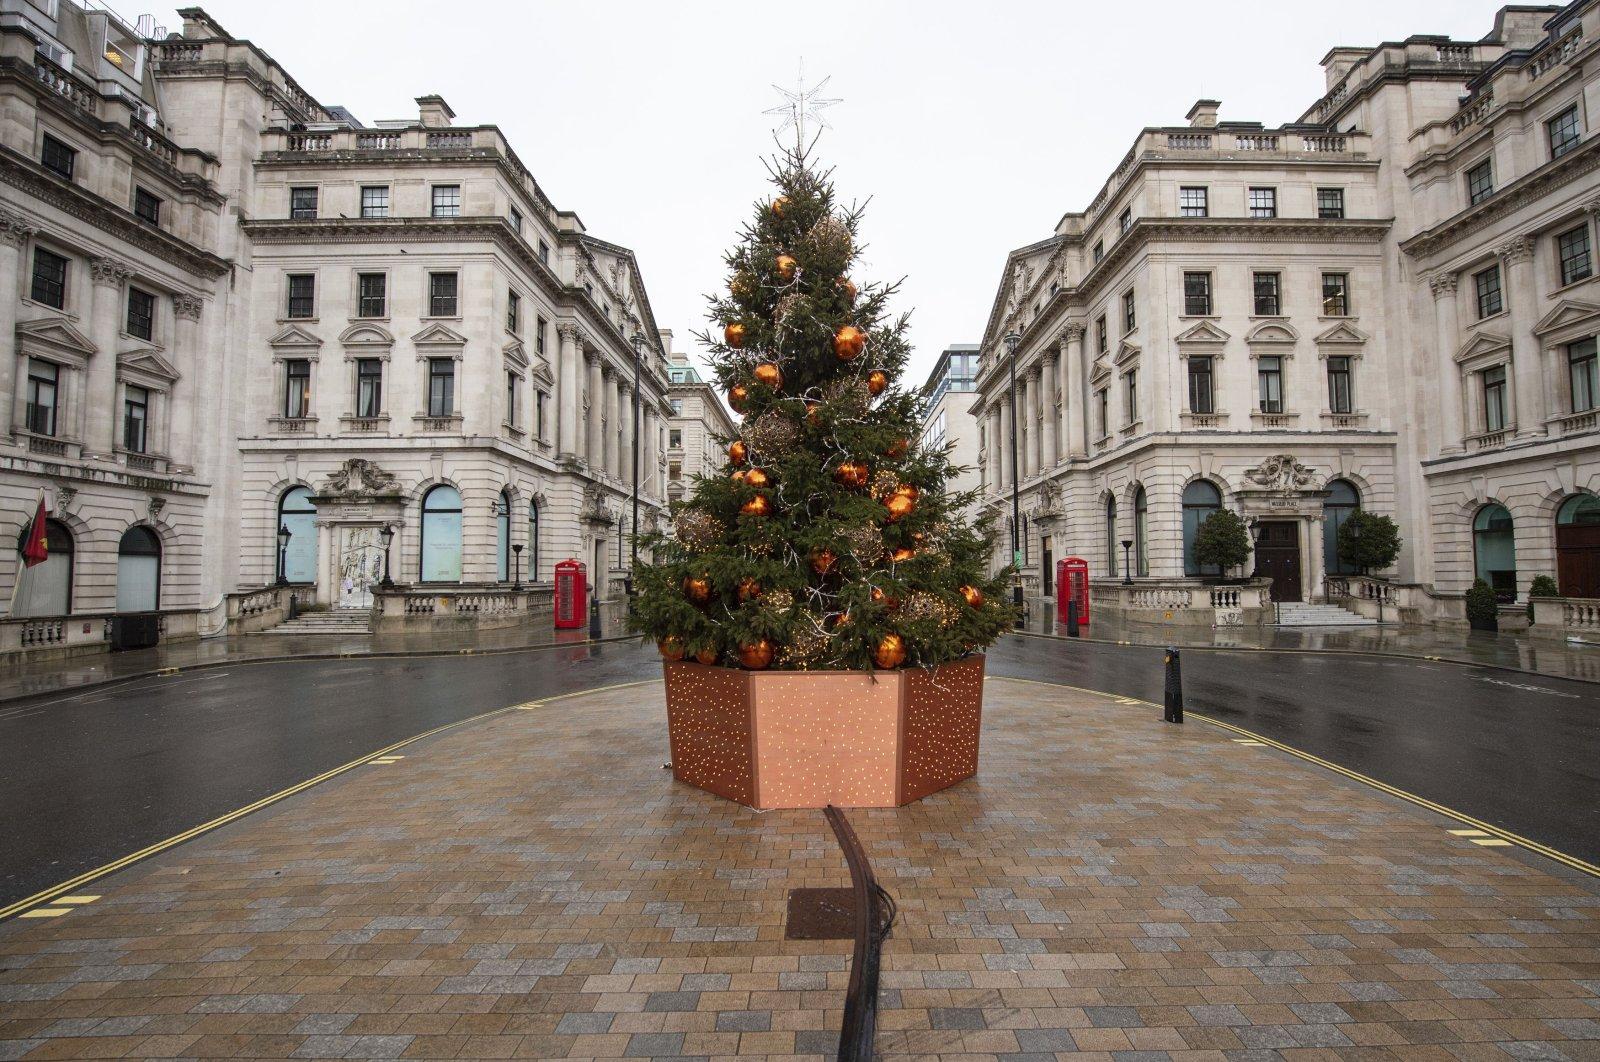 A quiet Lower Regent Street, in London on Dec. 21, 2020. (AP Photo)